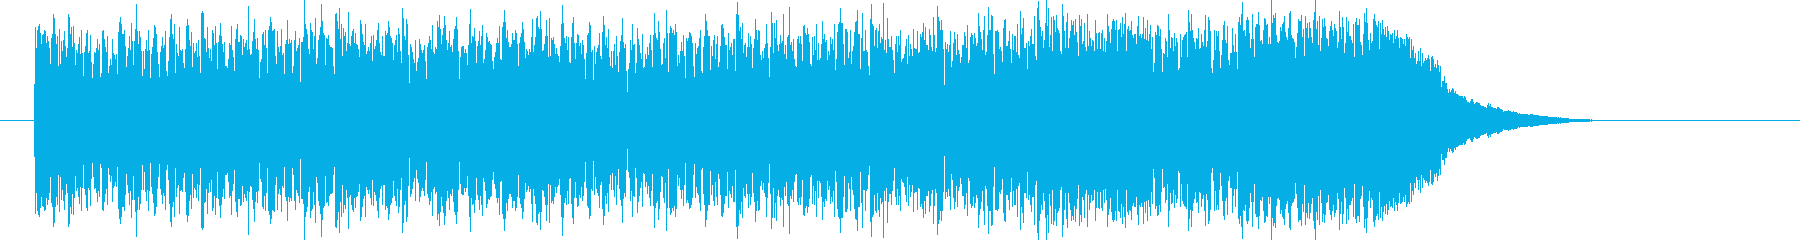 メロディアスなデジタルロックの再生済みの波形